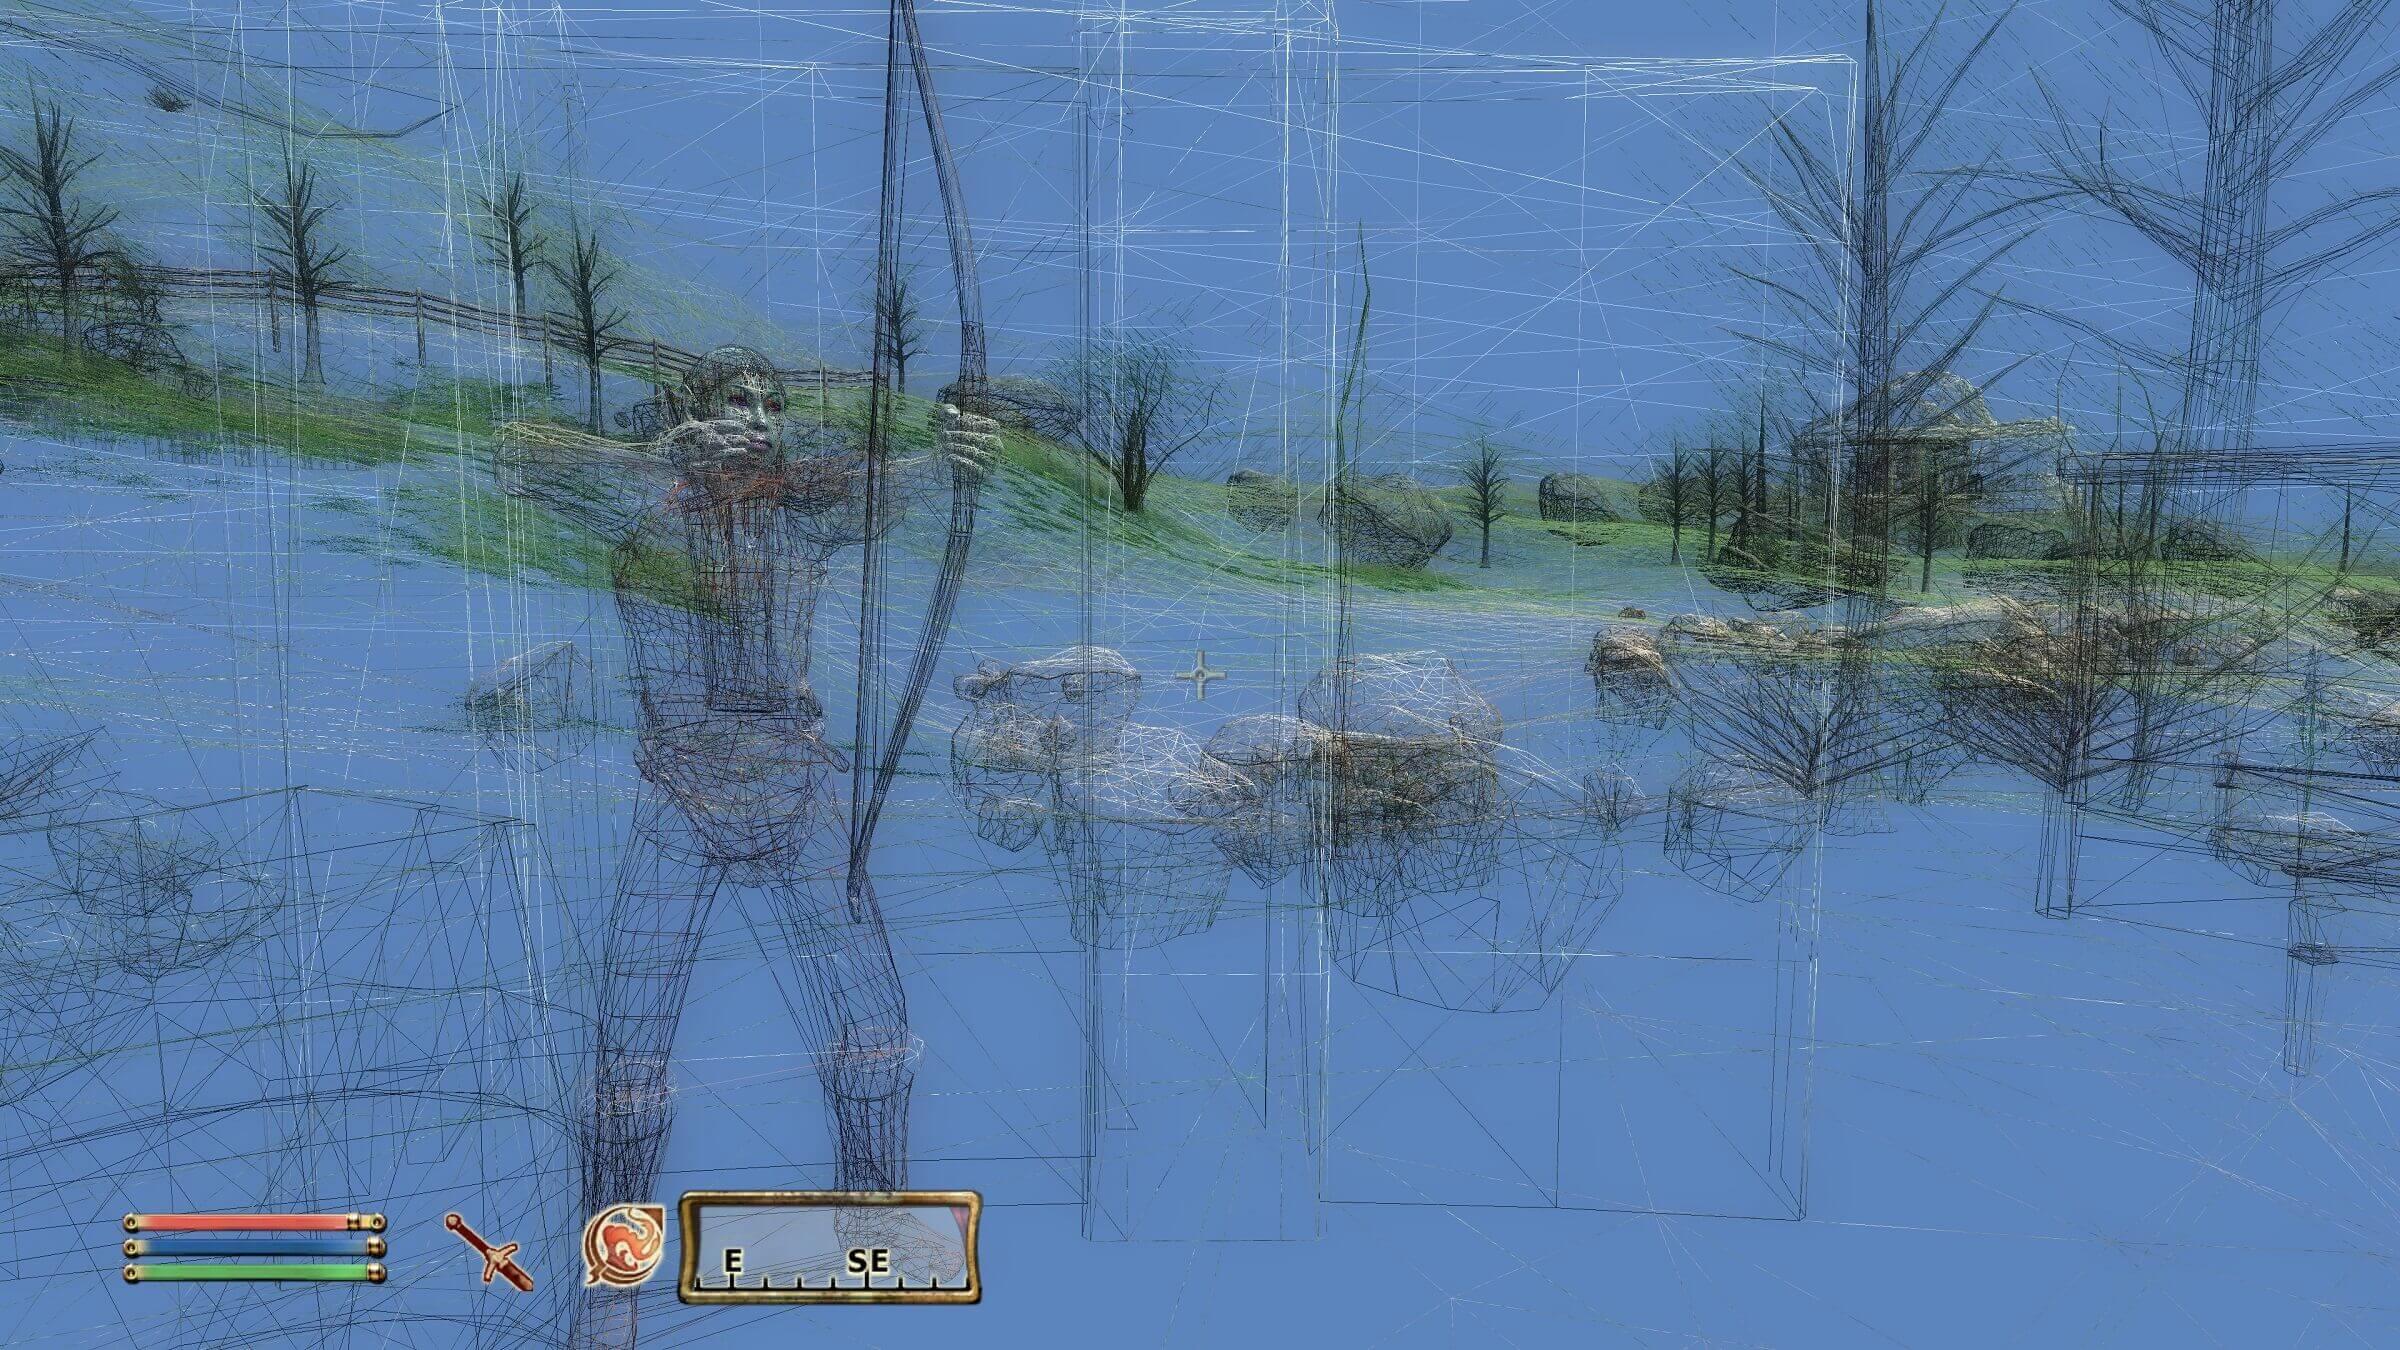 «А Crysis потянет?» Почему до сих пор обсуждают игру, выпущенную 13 лет назад - 7